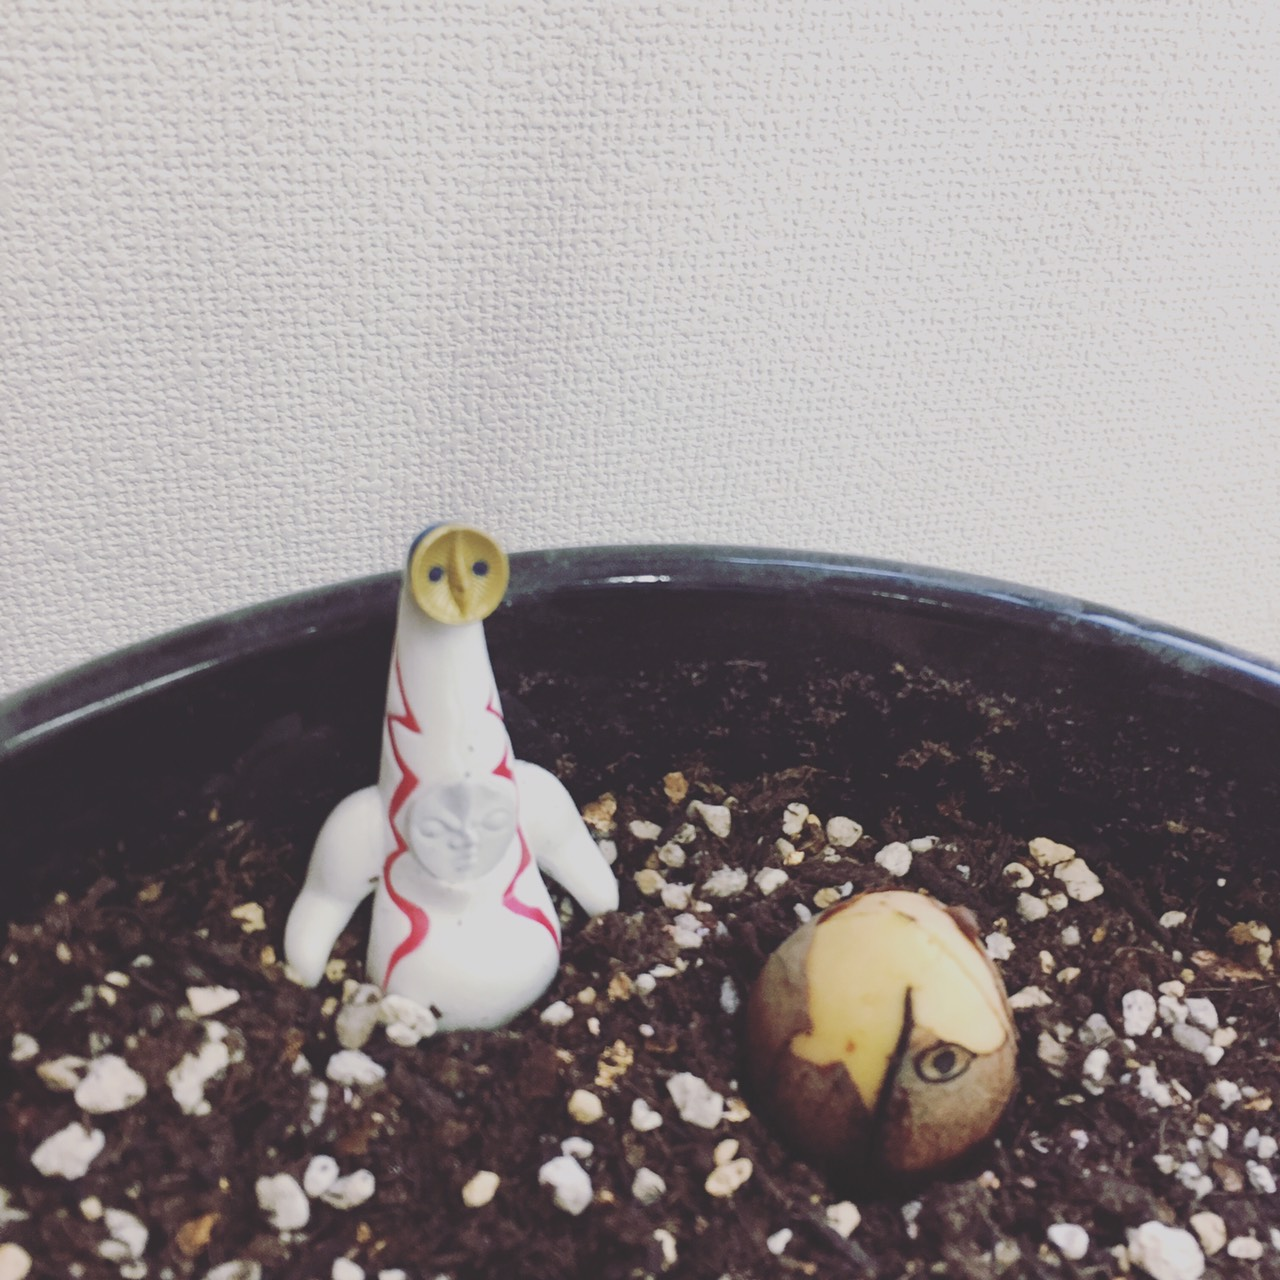 土嚢栽培へと転身したアボカドくん